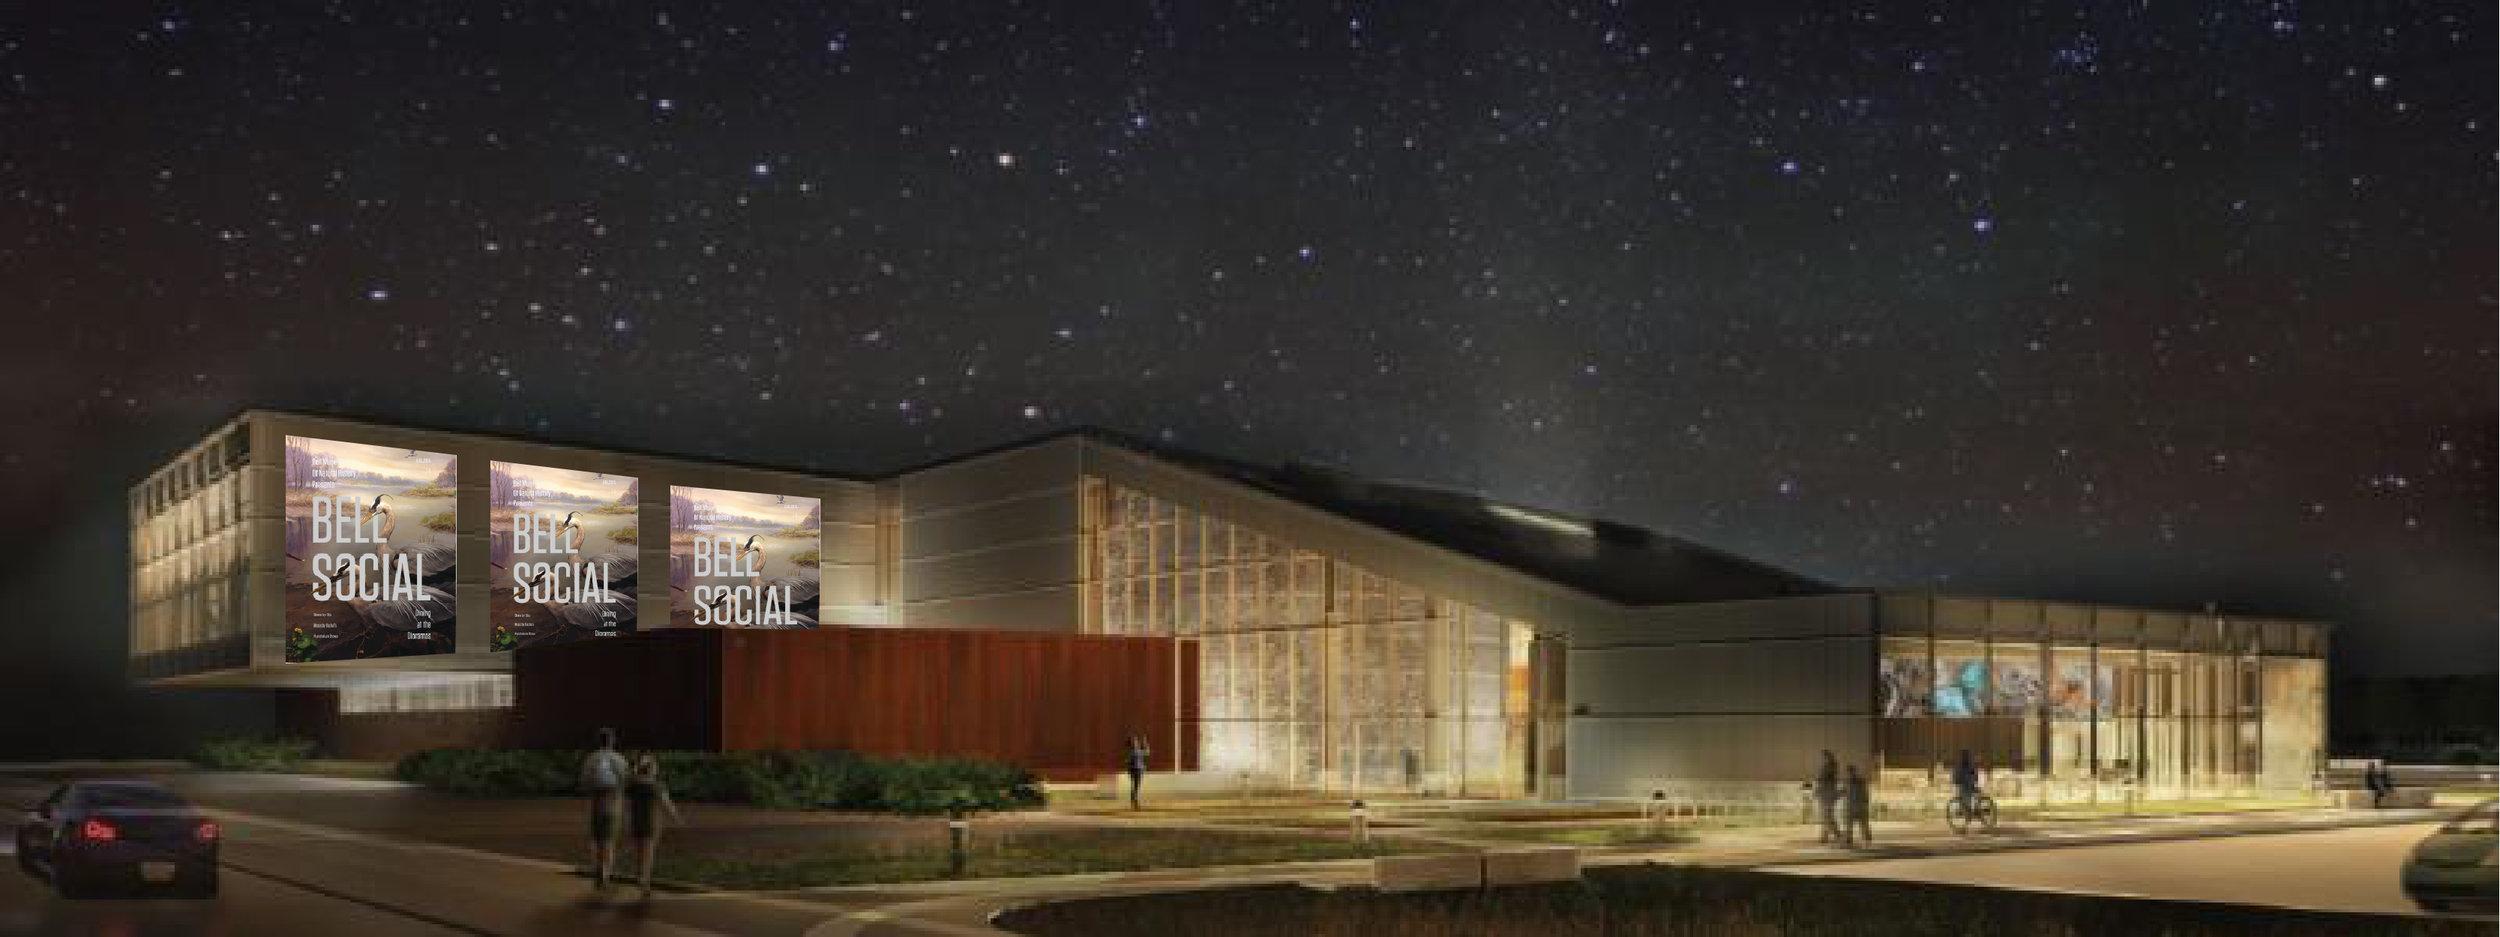 Bell_Social_Building_Night-01.jpg